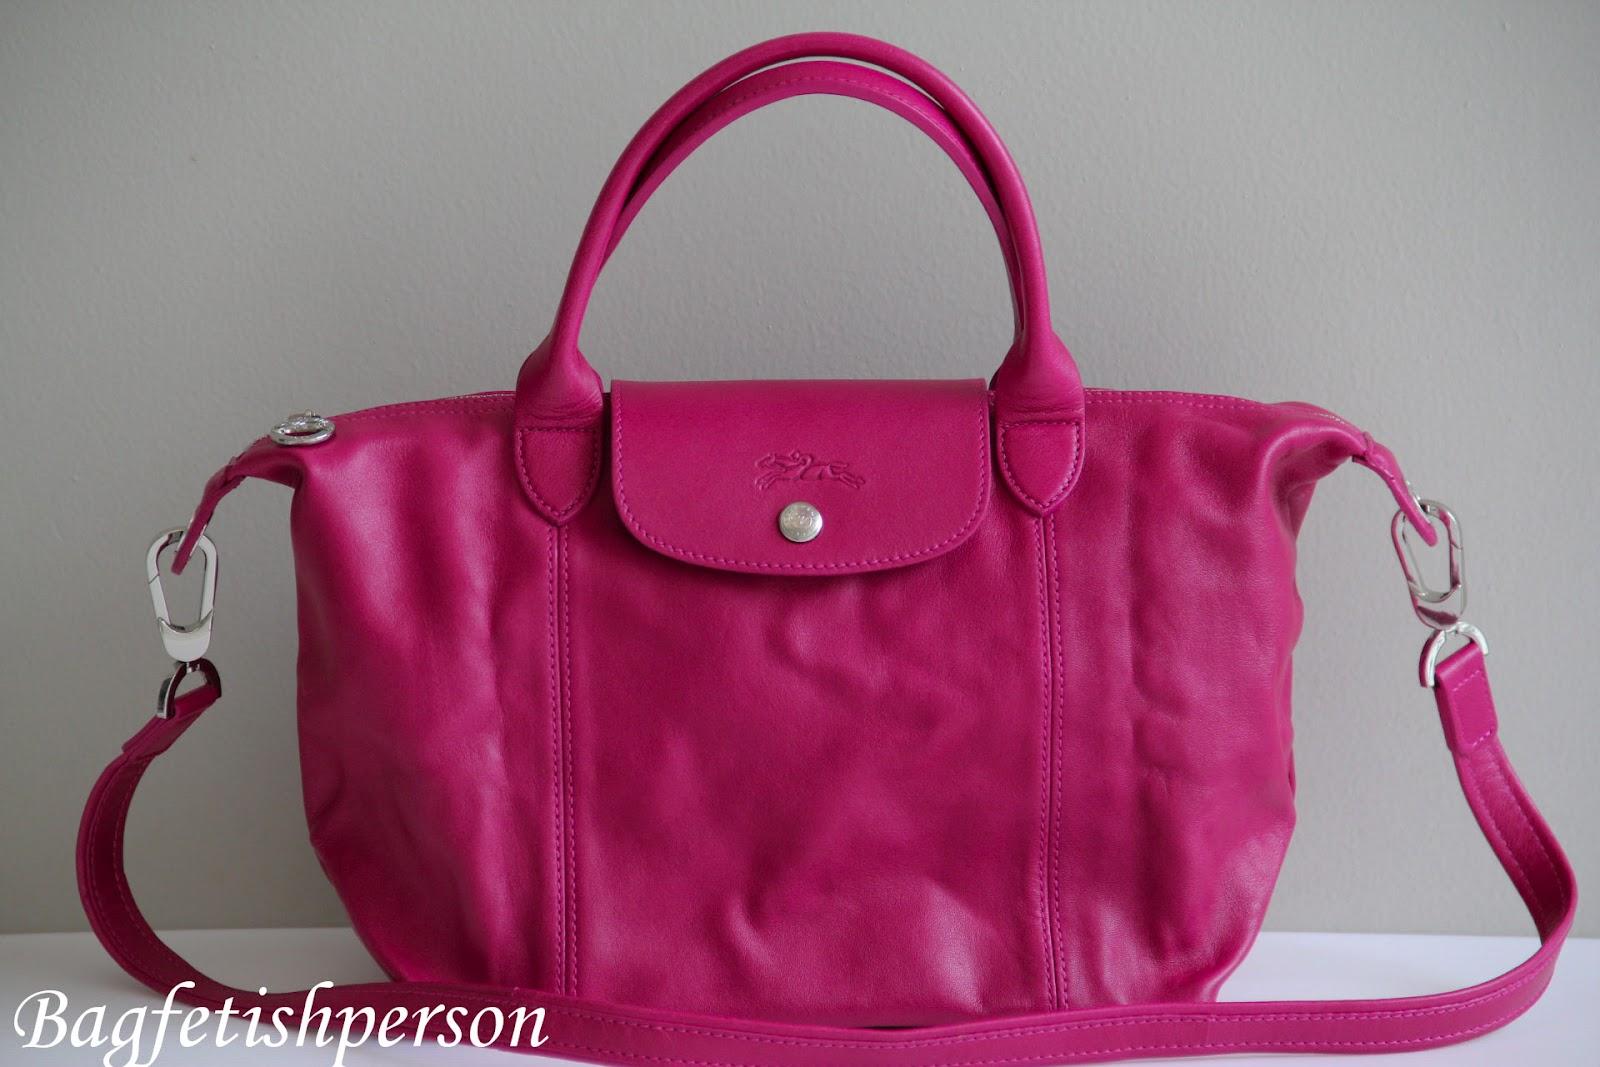 Bagfetishperson Bag Acquisition April 2012